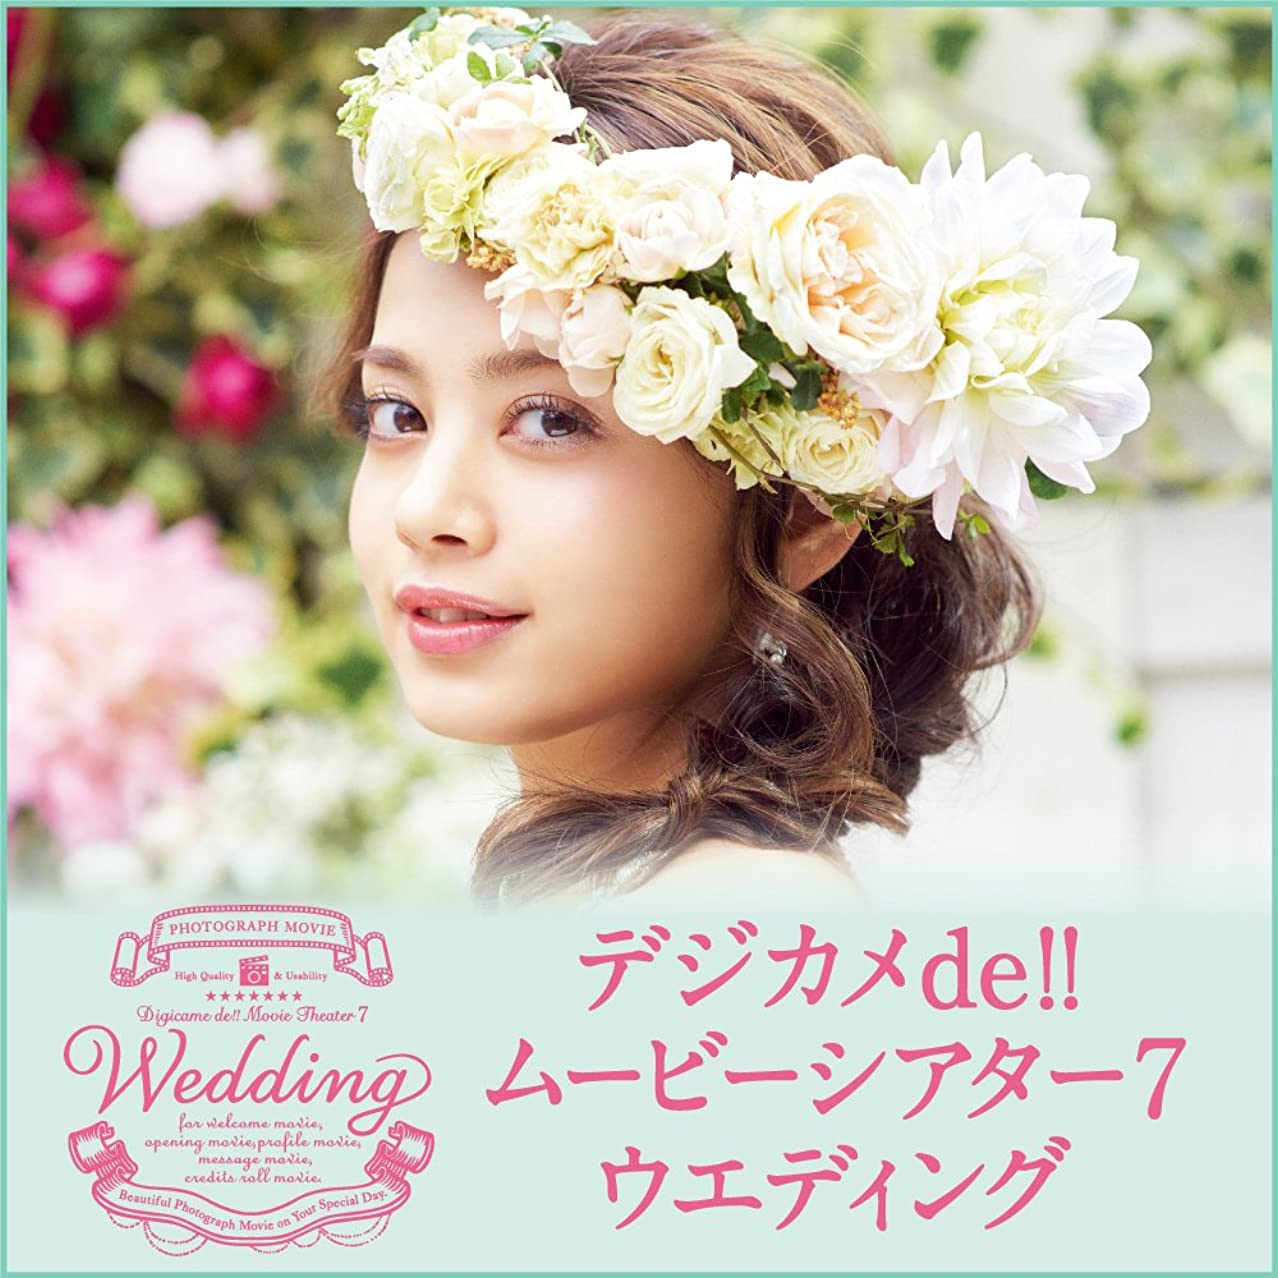 排除投獄快適デジカメde!!ムービーシアター7 Wedding  (最新) win対応 ダウンロード版